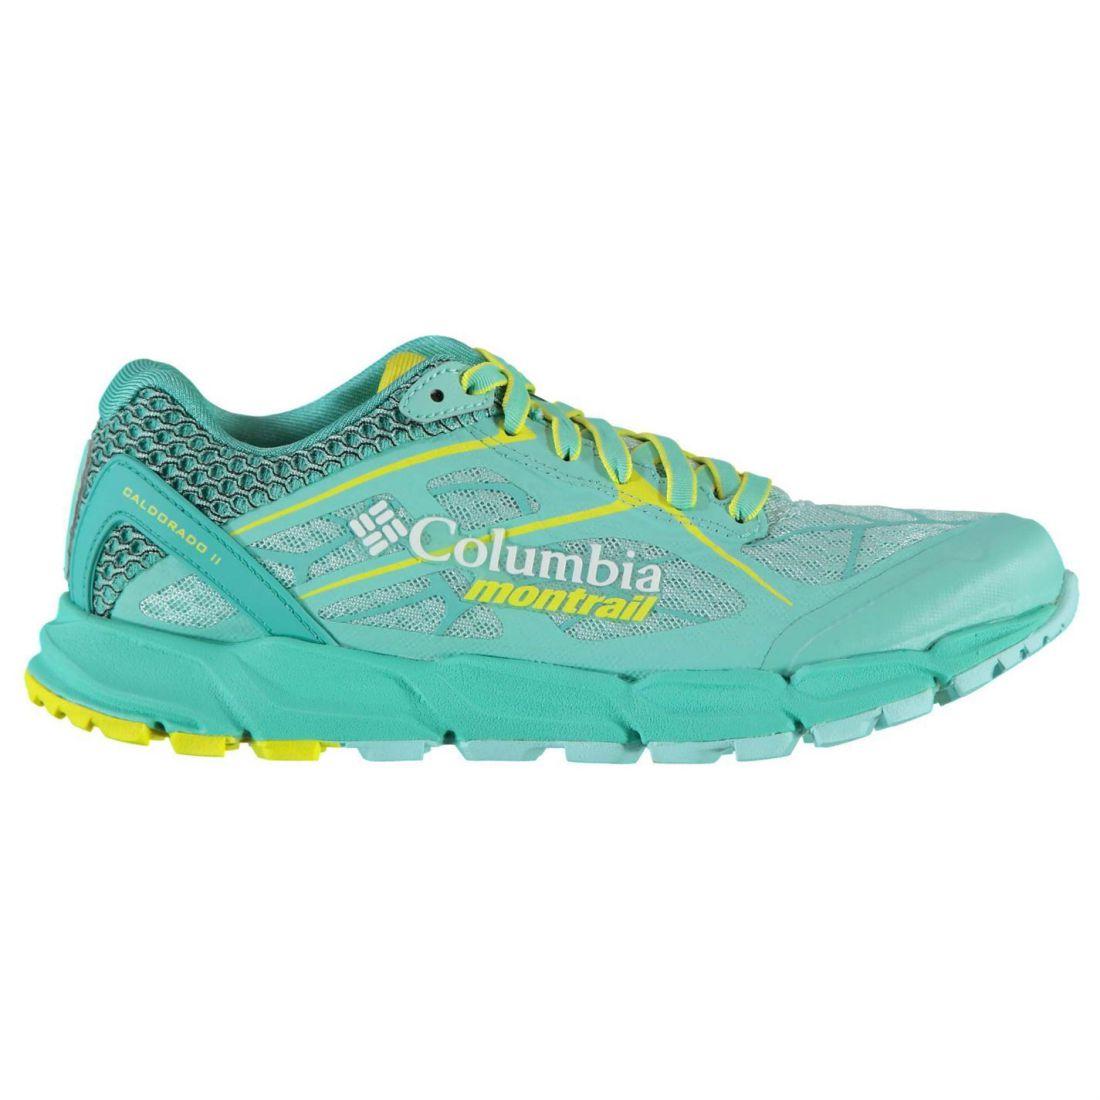 menta mujer Columbia gorra cruzado correr para Zapatillas punta reforzada entrenamiento Caldorado para AxZECRqw4g